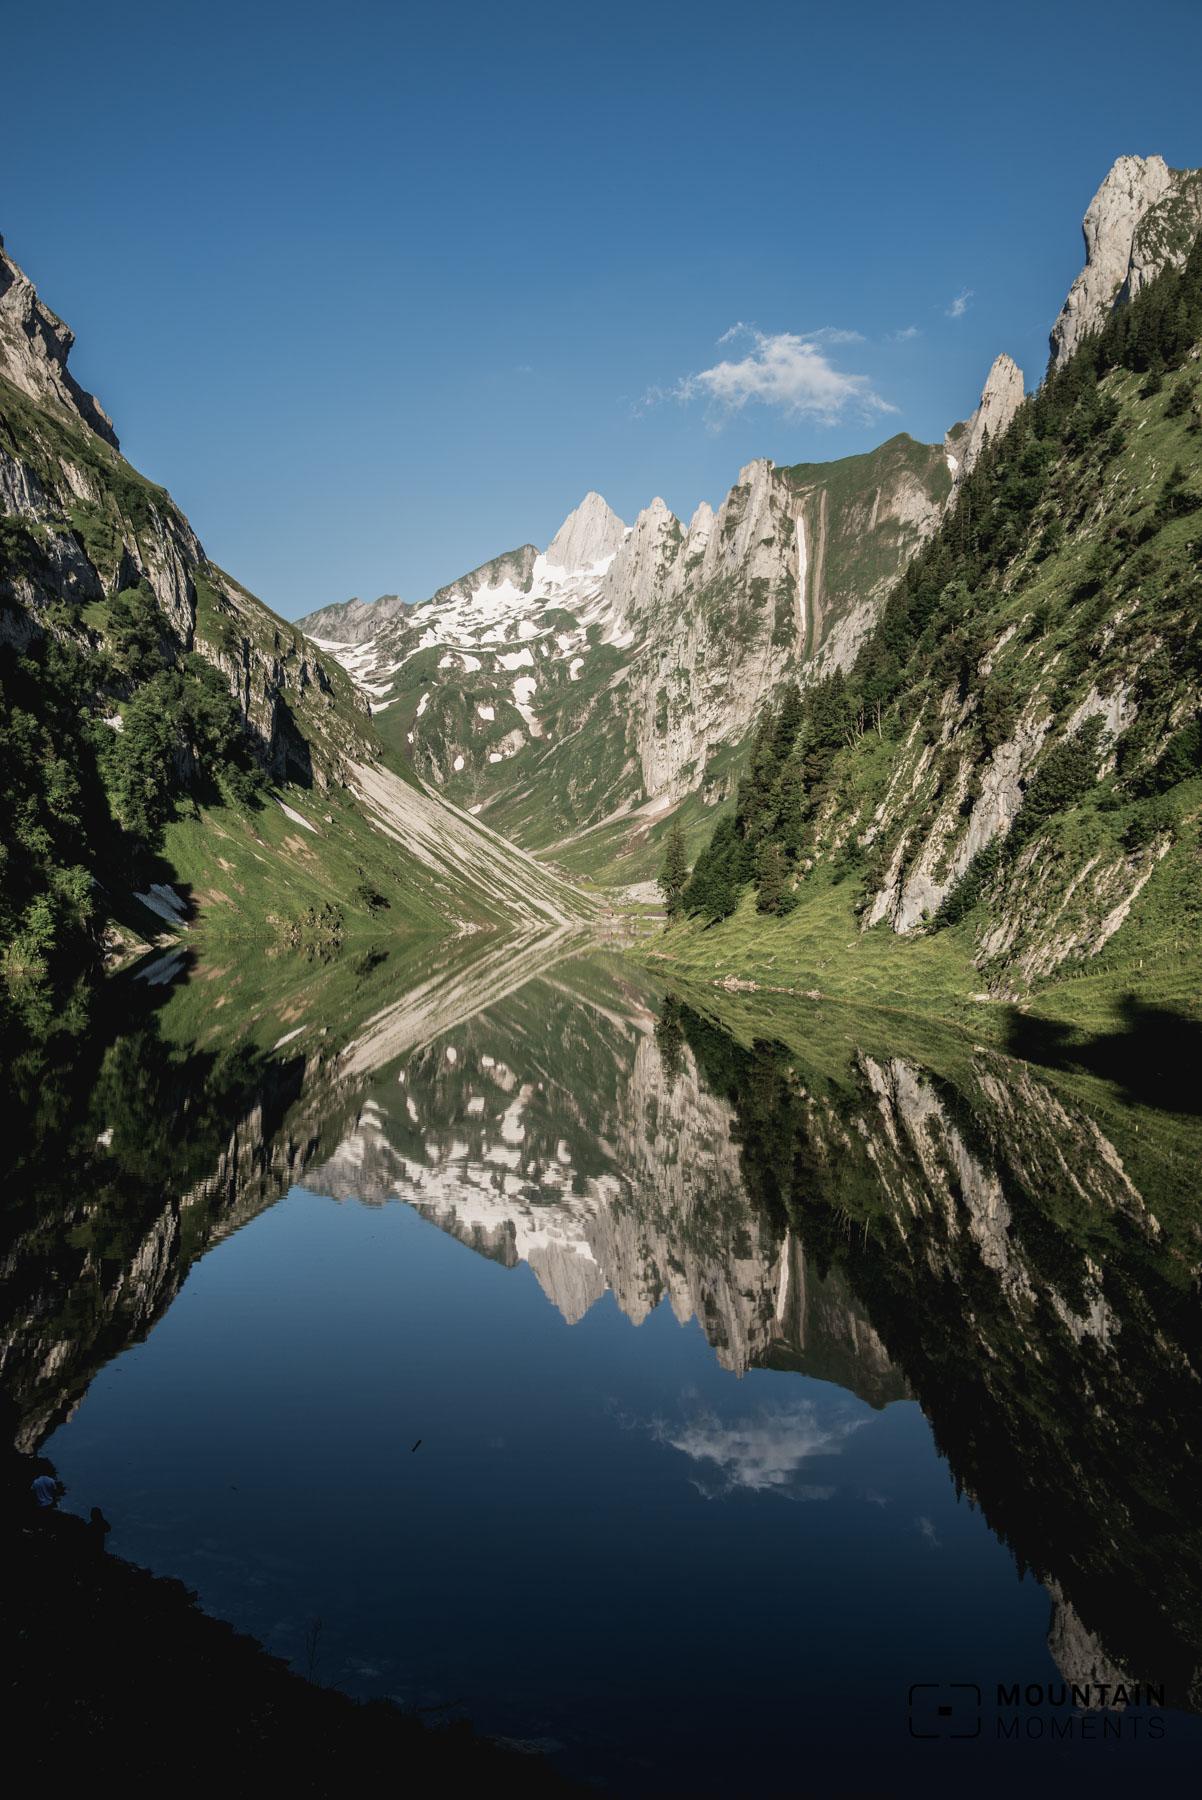 alpstein, wandern alpstein, wanderung alpstein, wandern schweiz, fotospot schweiz, fotografieren wandern schweiz, fotokurs schweiz, fählensee